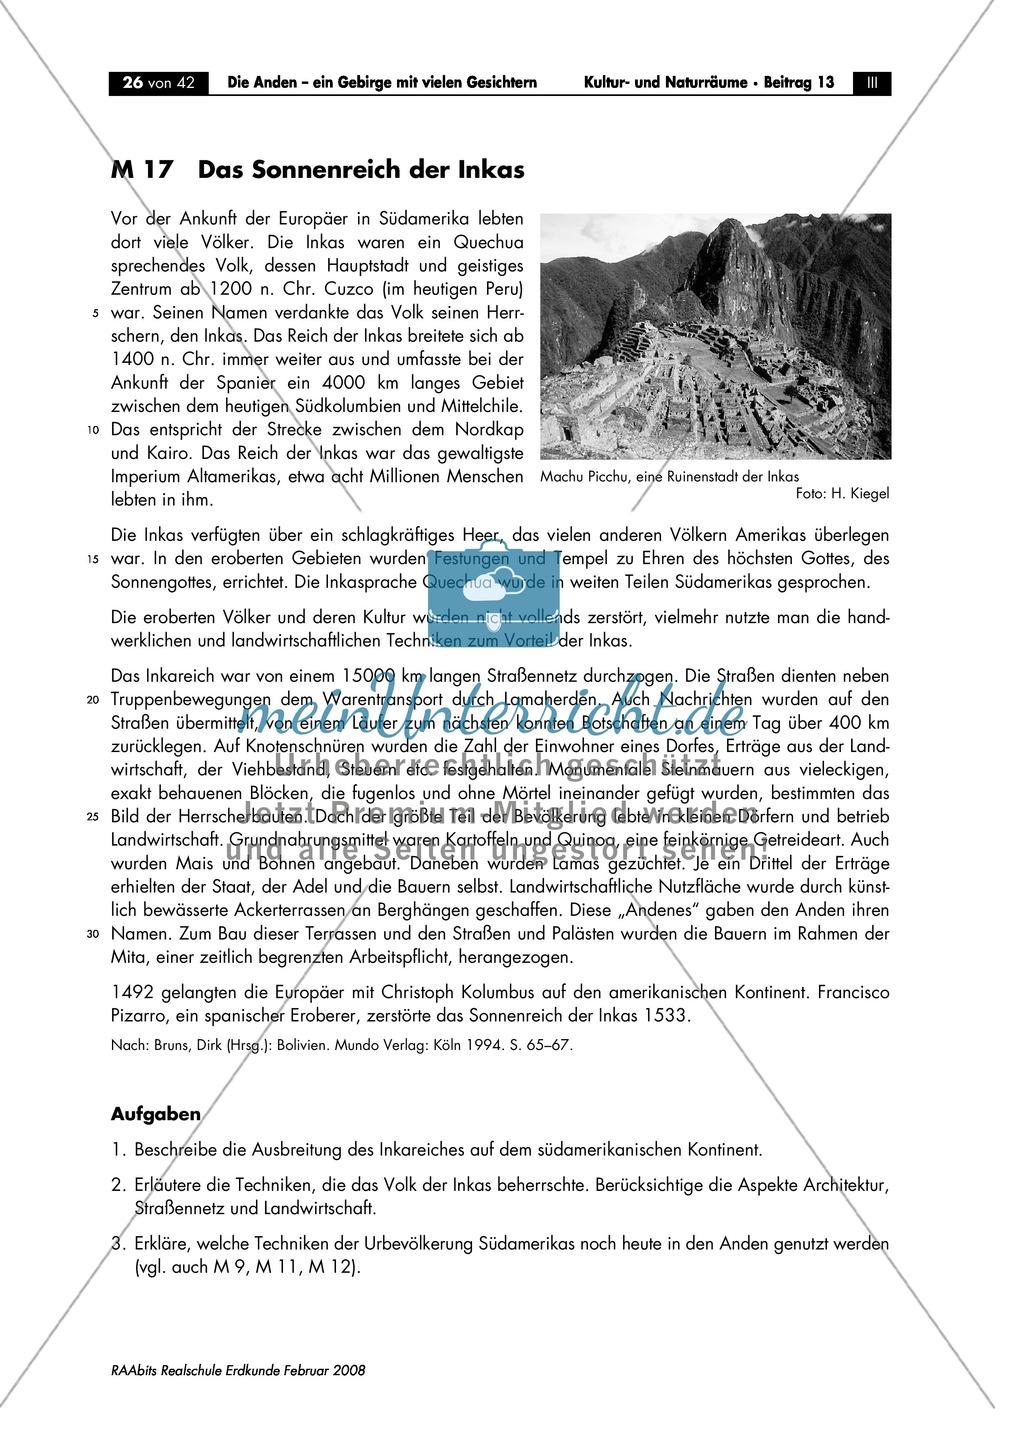 Die Anden kennen lernen -  Aspekte aus Sozial- und Kulturgeographie: Inkas + Sprachen + Lebensbedingungen + Sozialstrukturen Preview 0